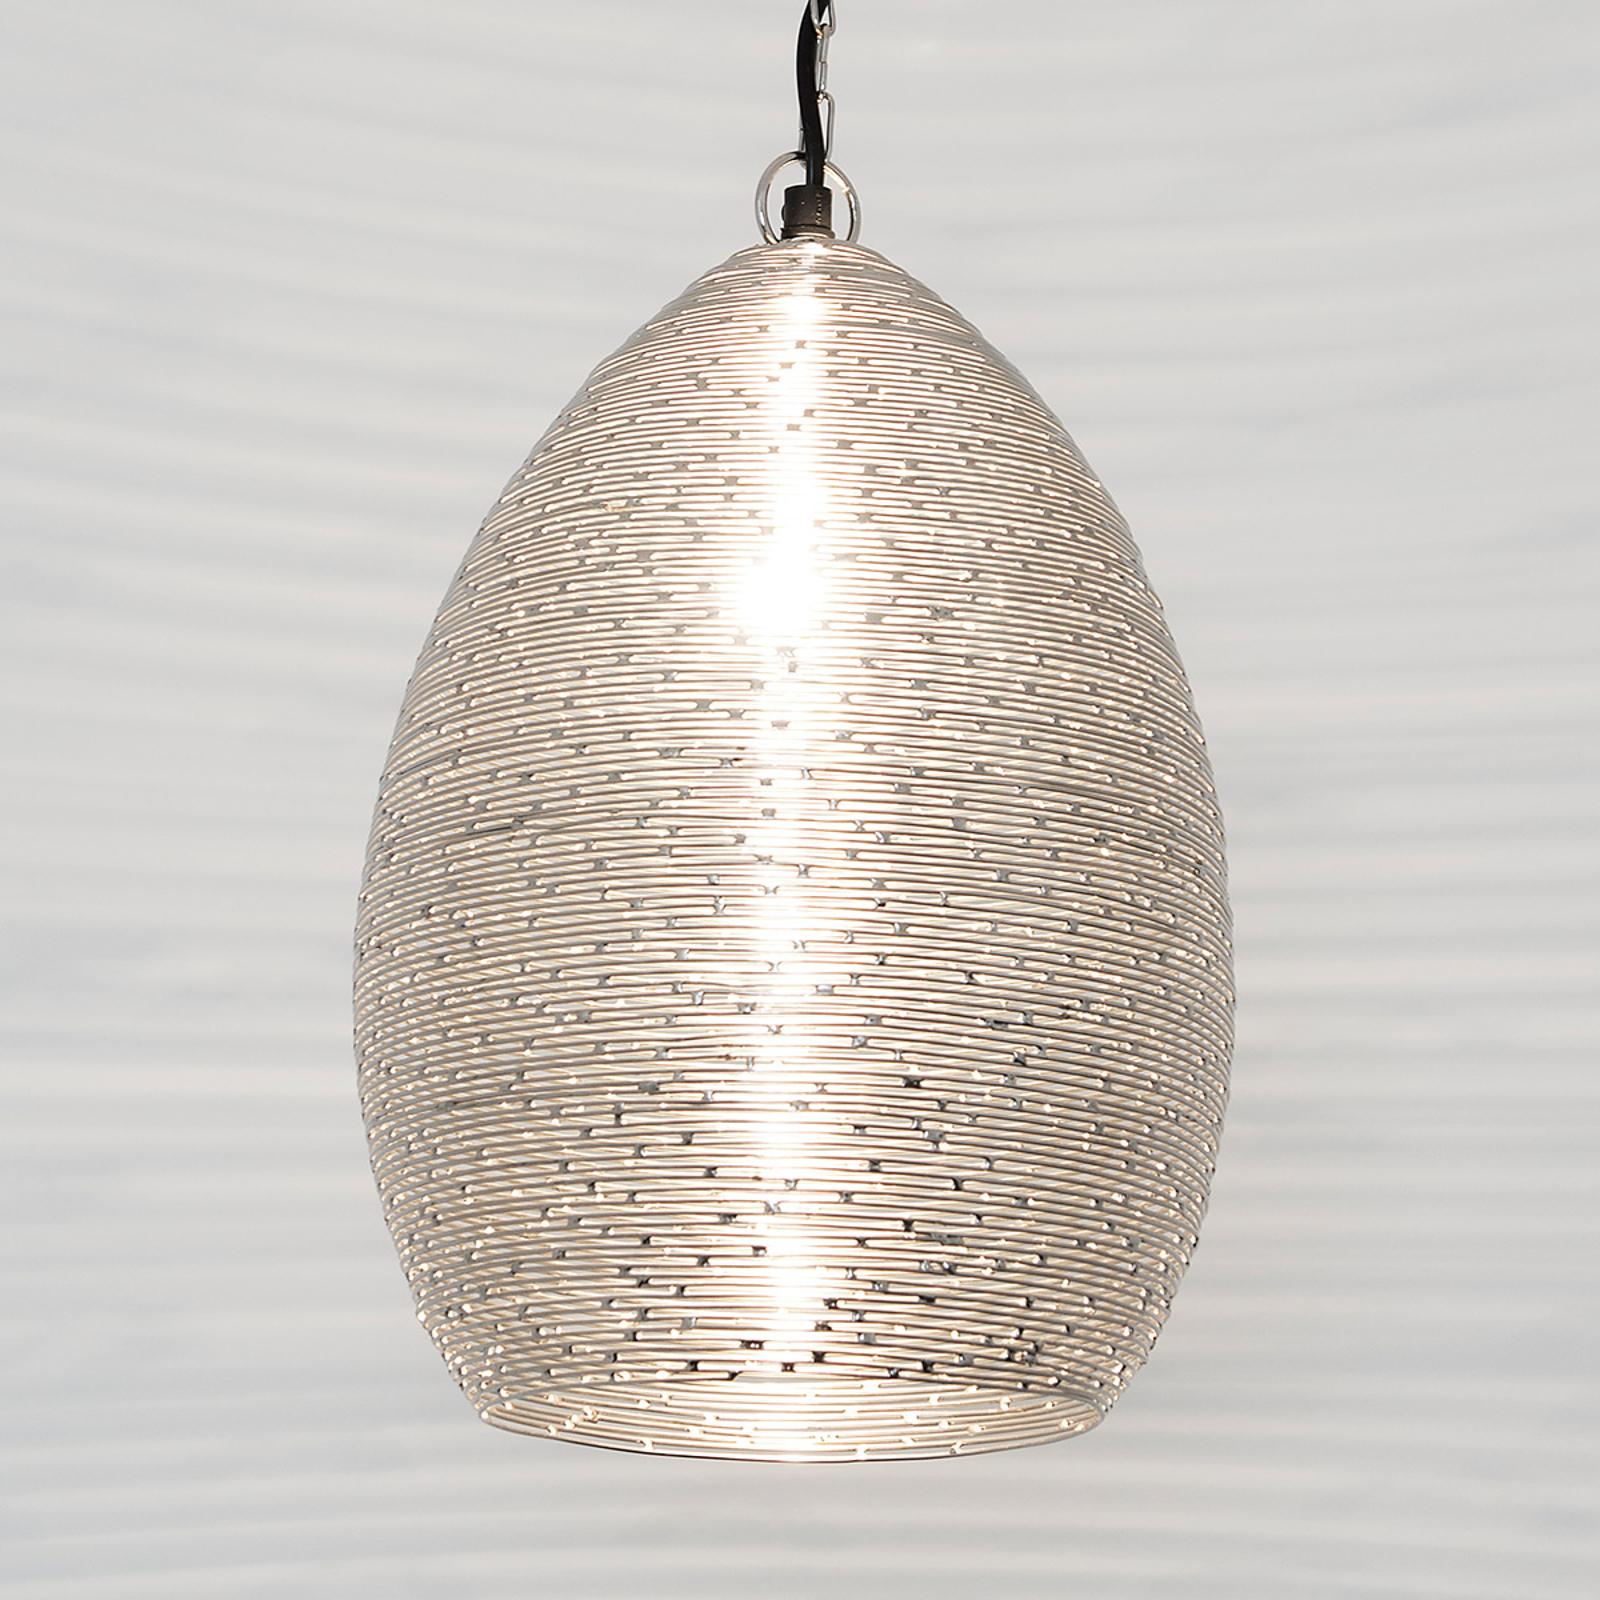 Colibri - lampada in filo d'acciaio nichelato